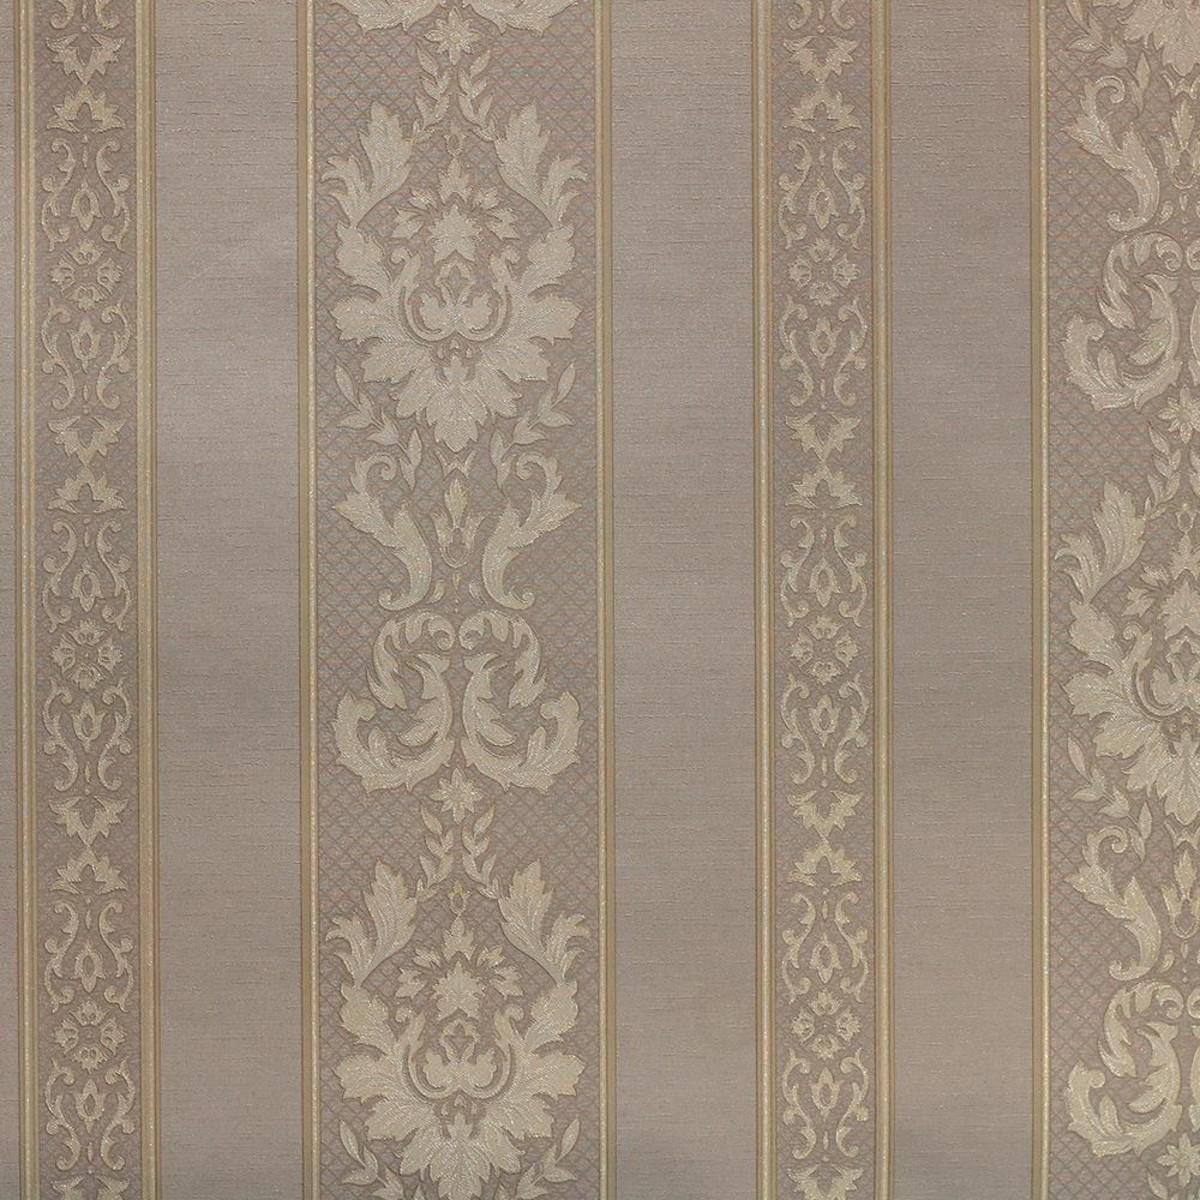 Обои виниловые Elysium Дворцовый вензель бежевые 0.53 м 60454